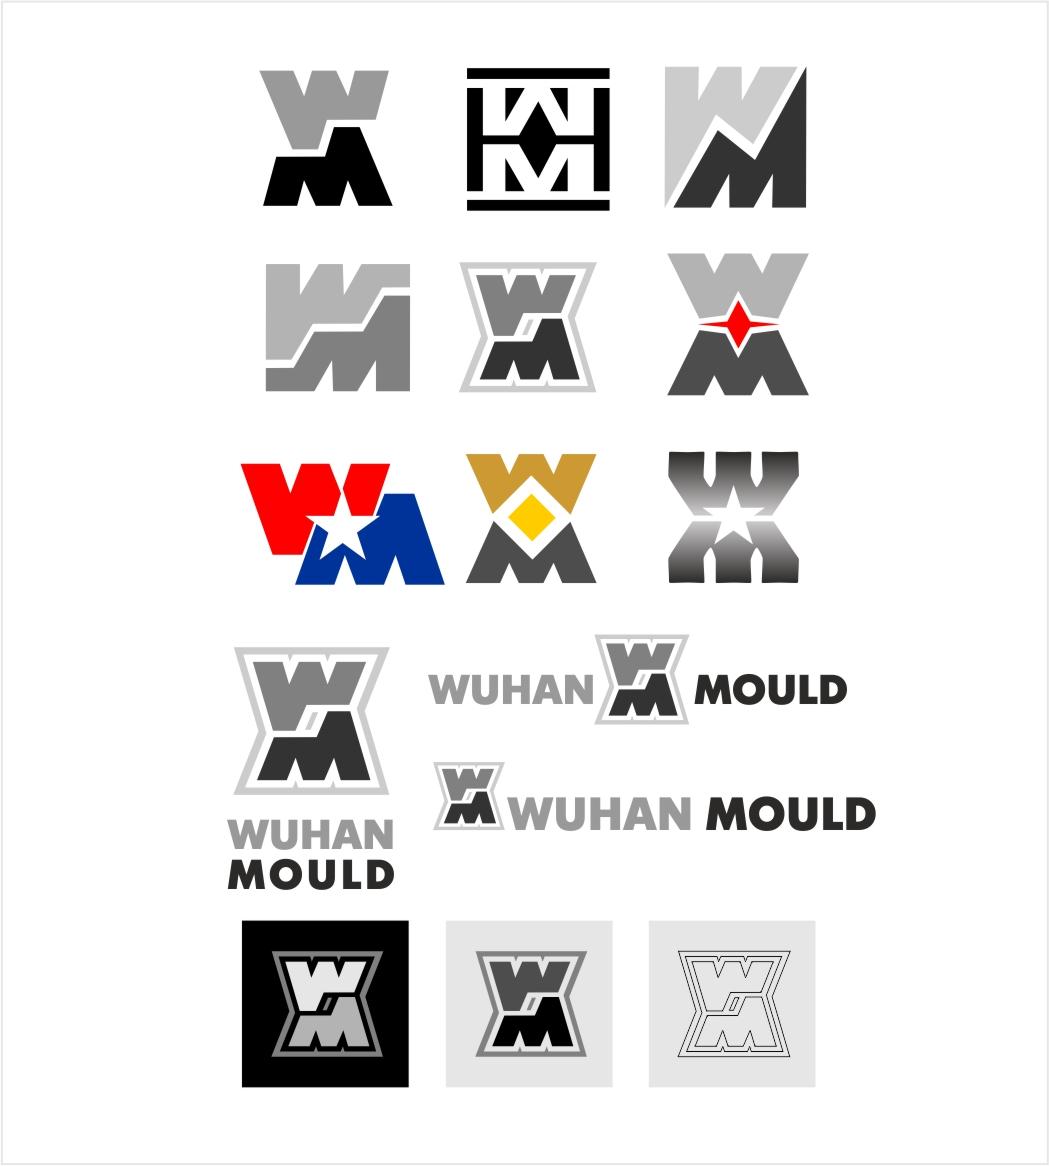 Создать логотип для фабрики пресс-форм фото f_63659957826800ff.jpg